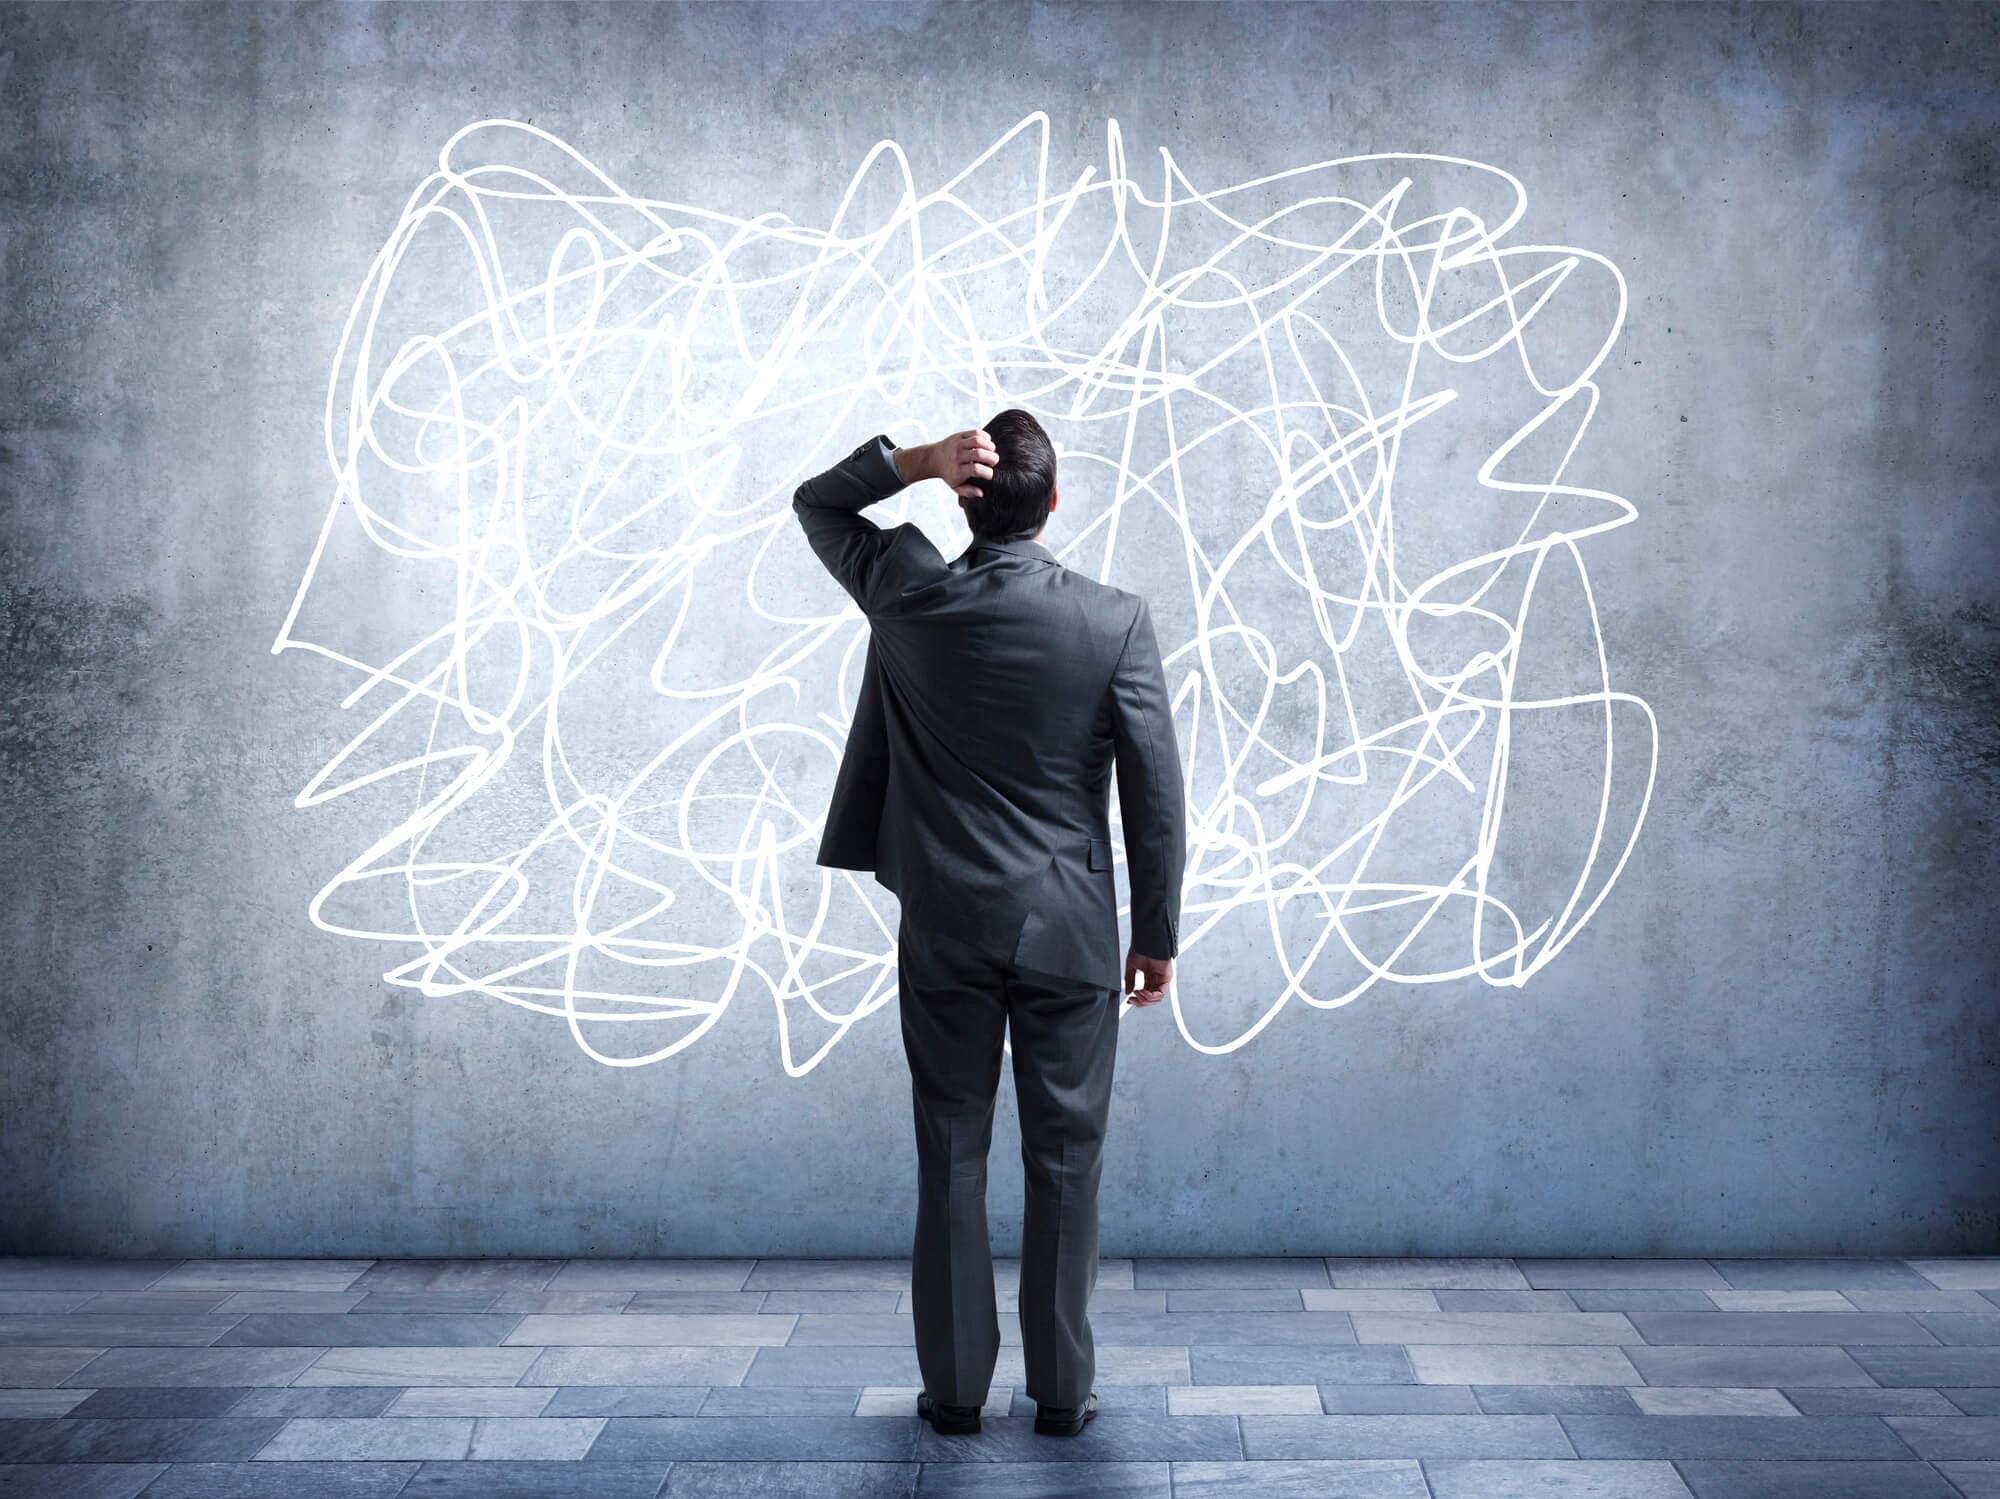 Die digitale Transformation sichert Unternehmen den Fortbestand. Als Stolpersteine erweisen sich aber immer wieder die wachsende Komplexität